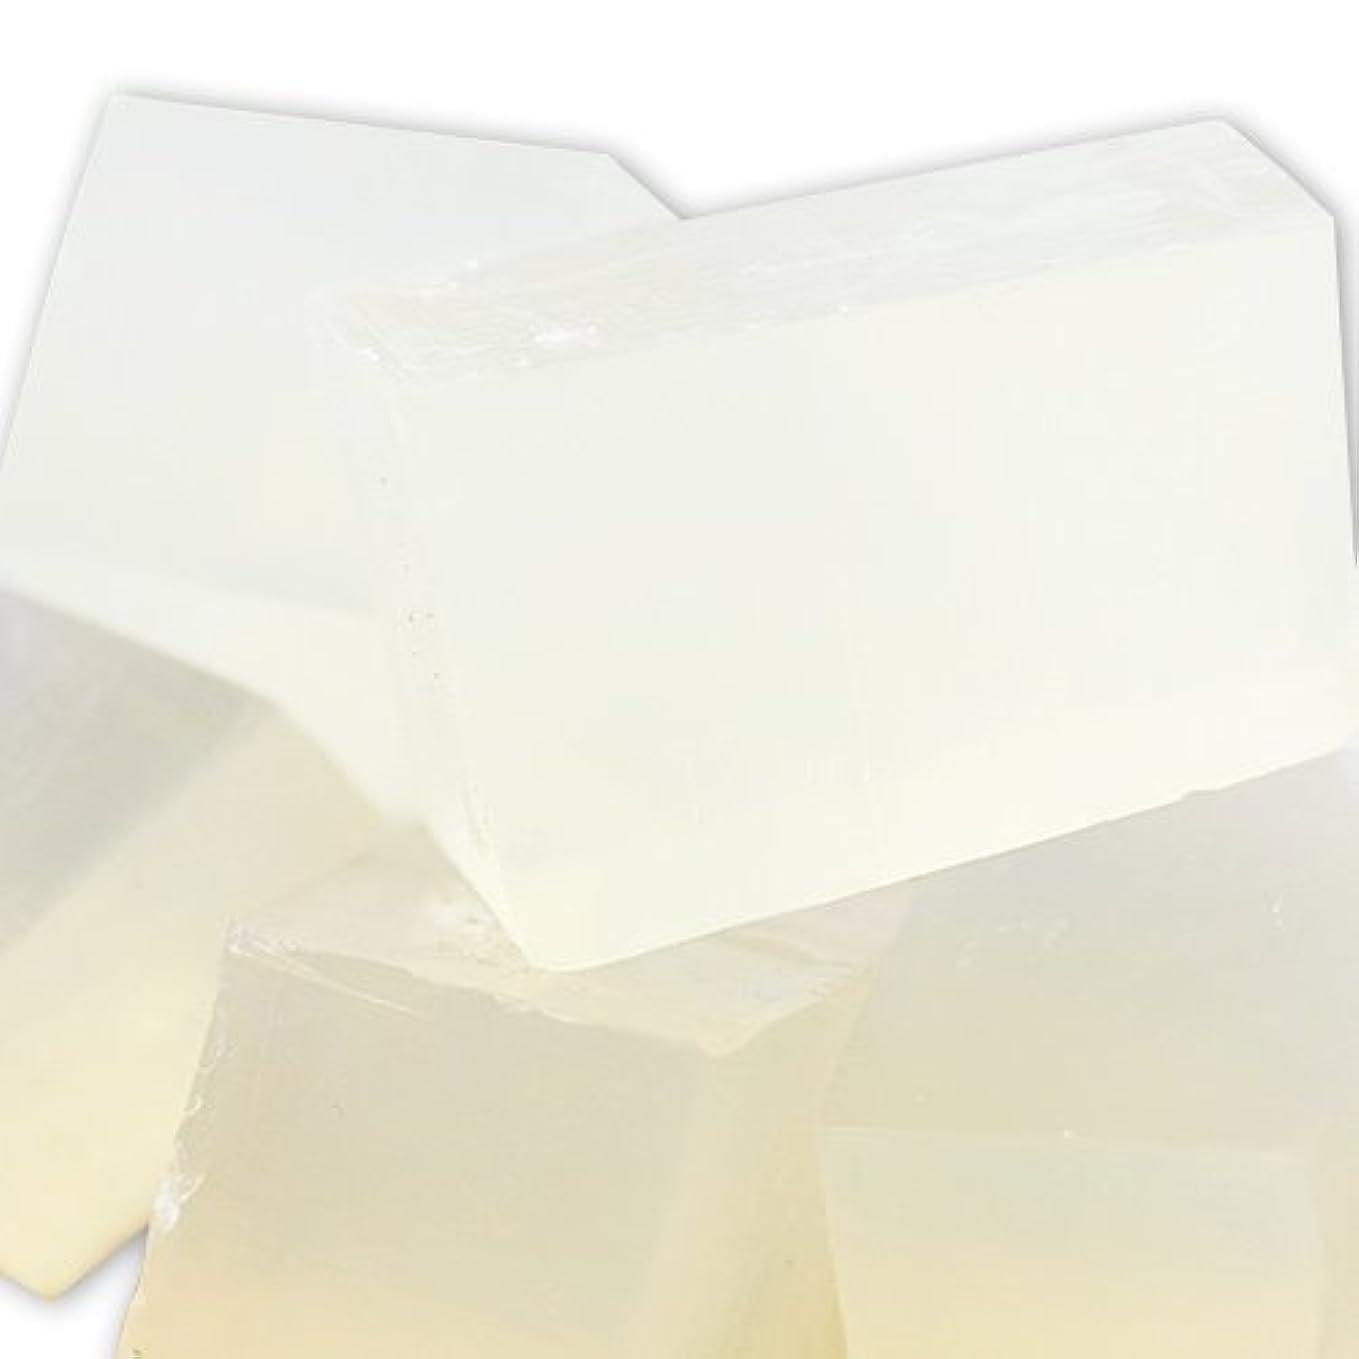 ボイドアクティビティクリスチャンMPソープ [グリセリンソープ] クリア SLSフリー 1kg 【手作り石鹸/ハンドメイドソープ】